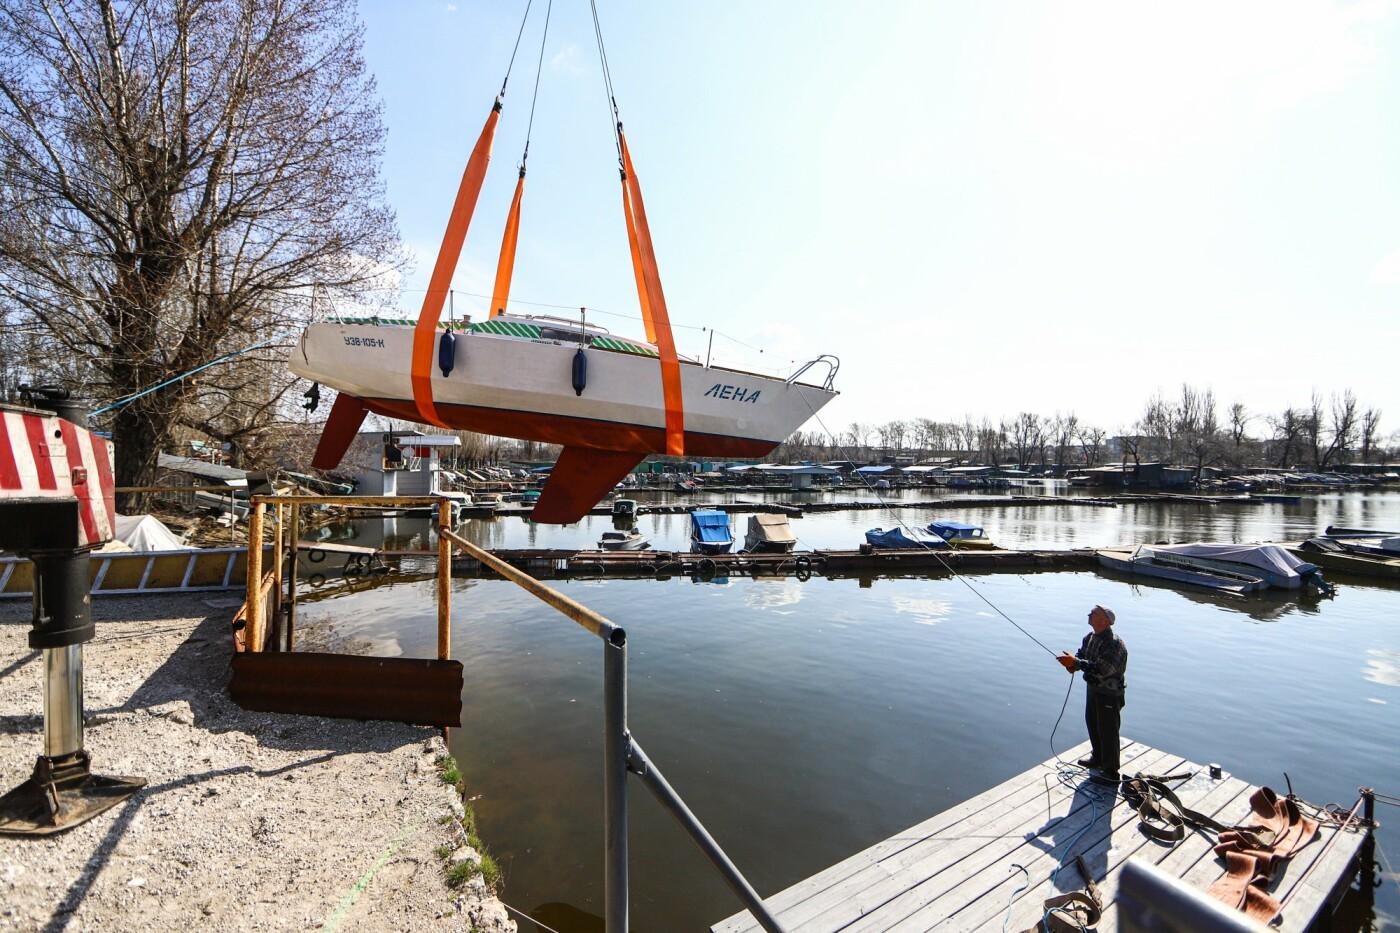 «Семь футов под килем!»: как в запорожском яхт-клубе спускали судна на воду, - ФОТОРЕПОРТАЖ , фото-11